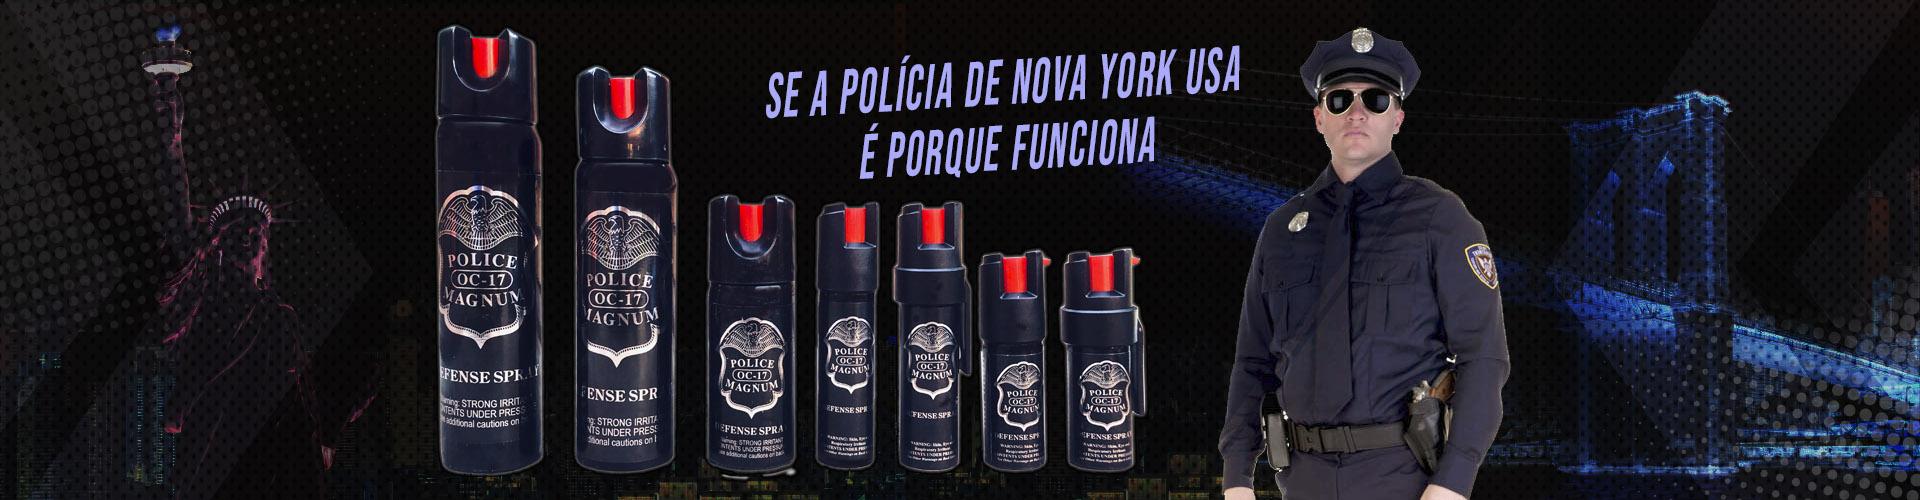 POLICE MAGNUM NY TODOS